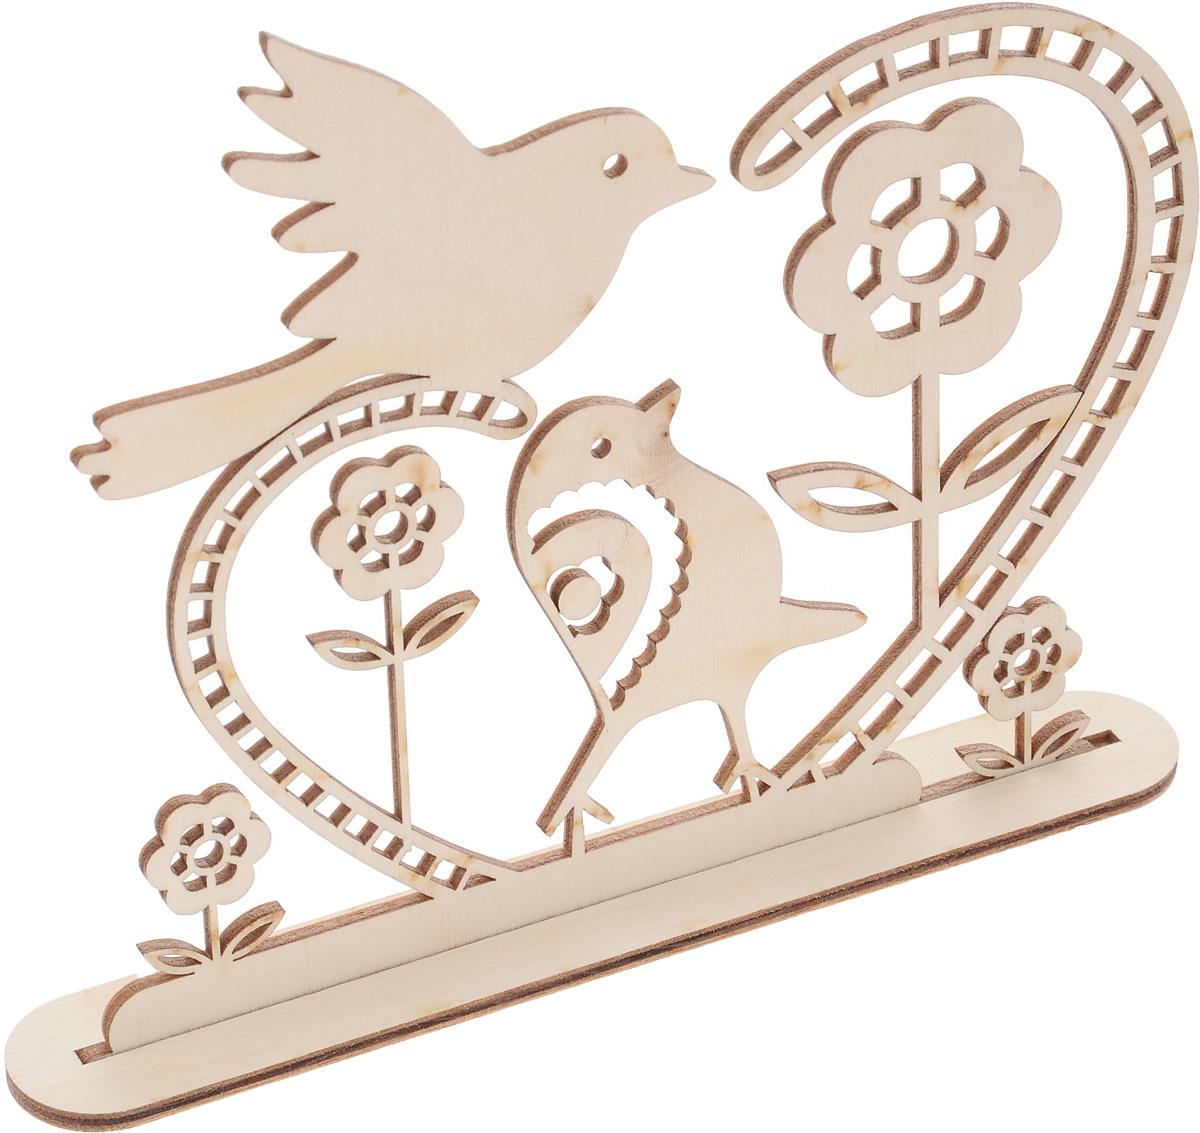 Заготовка деревянная Buratini Пришла весна, на подставке, 179 х 150 ммDZ50007Заготовка Buratini Пришла весна изготовлена из самого легкого материала для работы - фанеры. В ней прекрасно сочетаются пластичность форм, линий и художественная выразительность. Благодаря таким качествам заготовки, вы можете реализовать свои самые смелые творческие фантазии: оформить ее в технике декупаж, расписать красками, украсить мозаикой, пайетками, лентами или бисером.